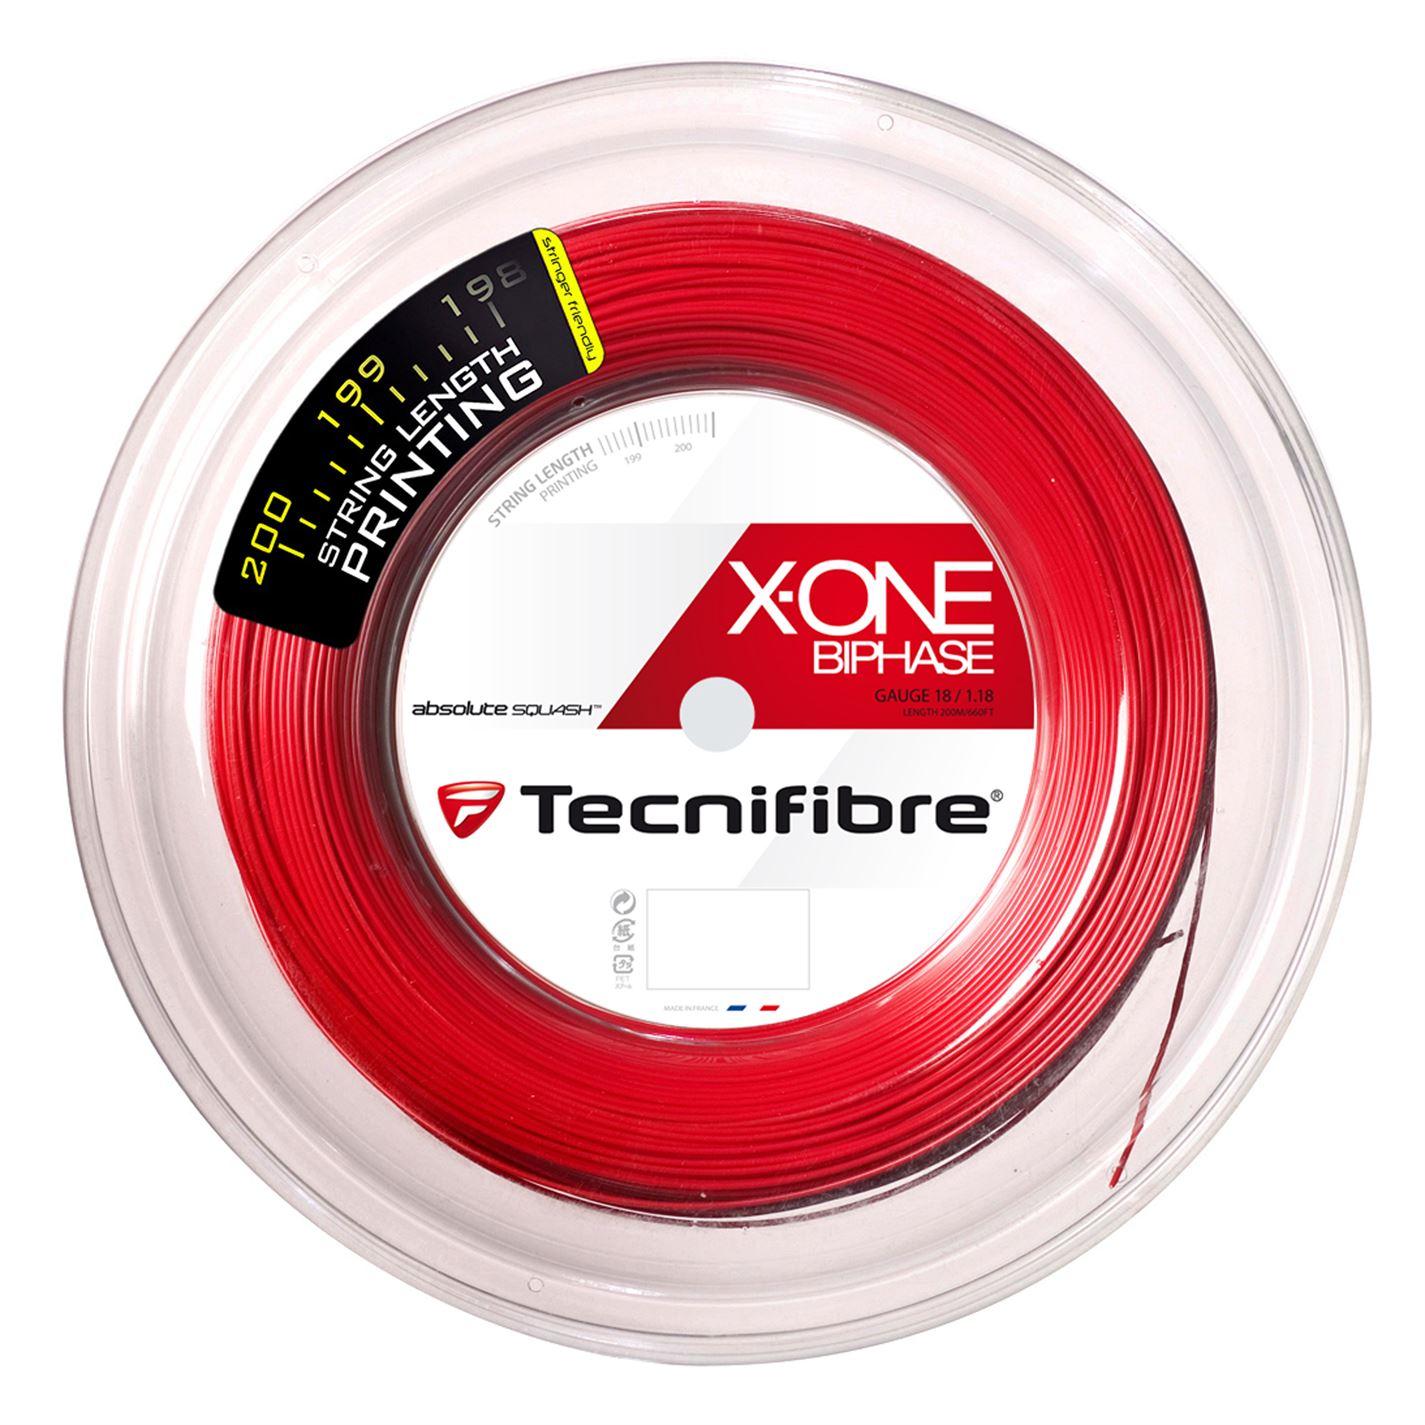 Tecnifibre Xone Biphase Squash String